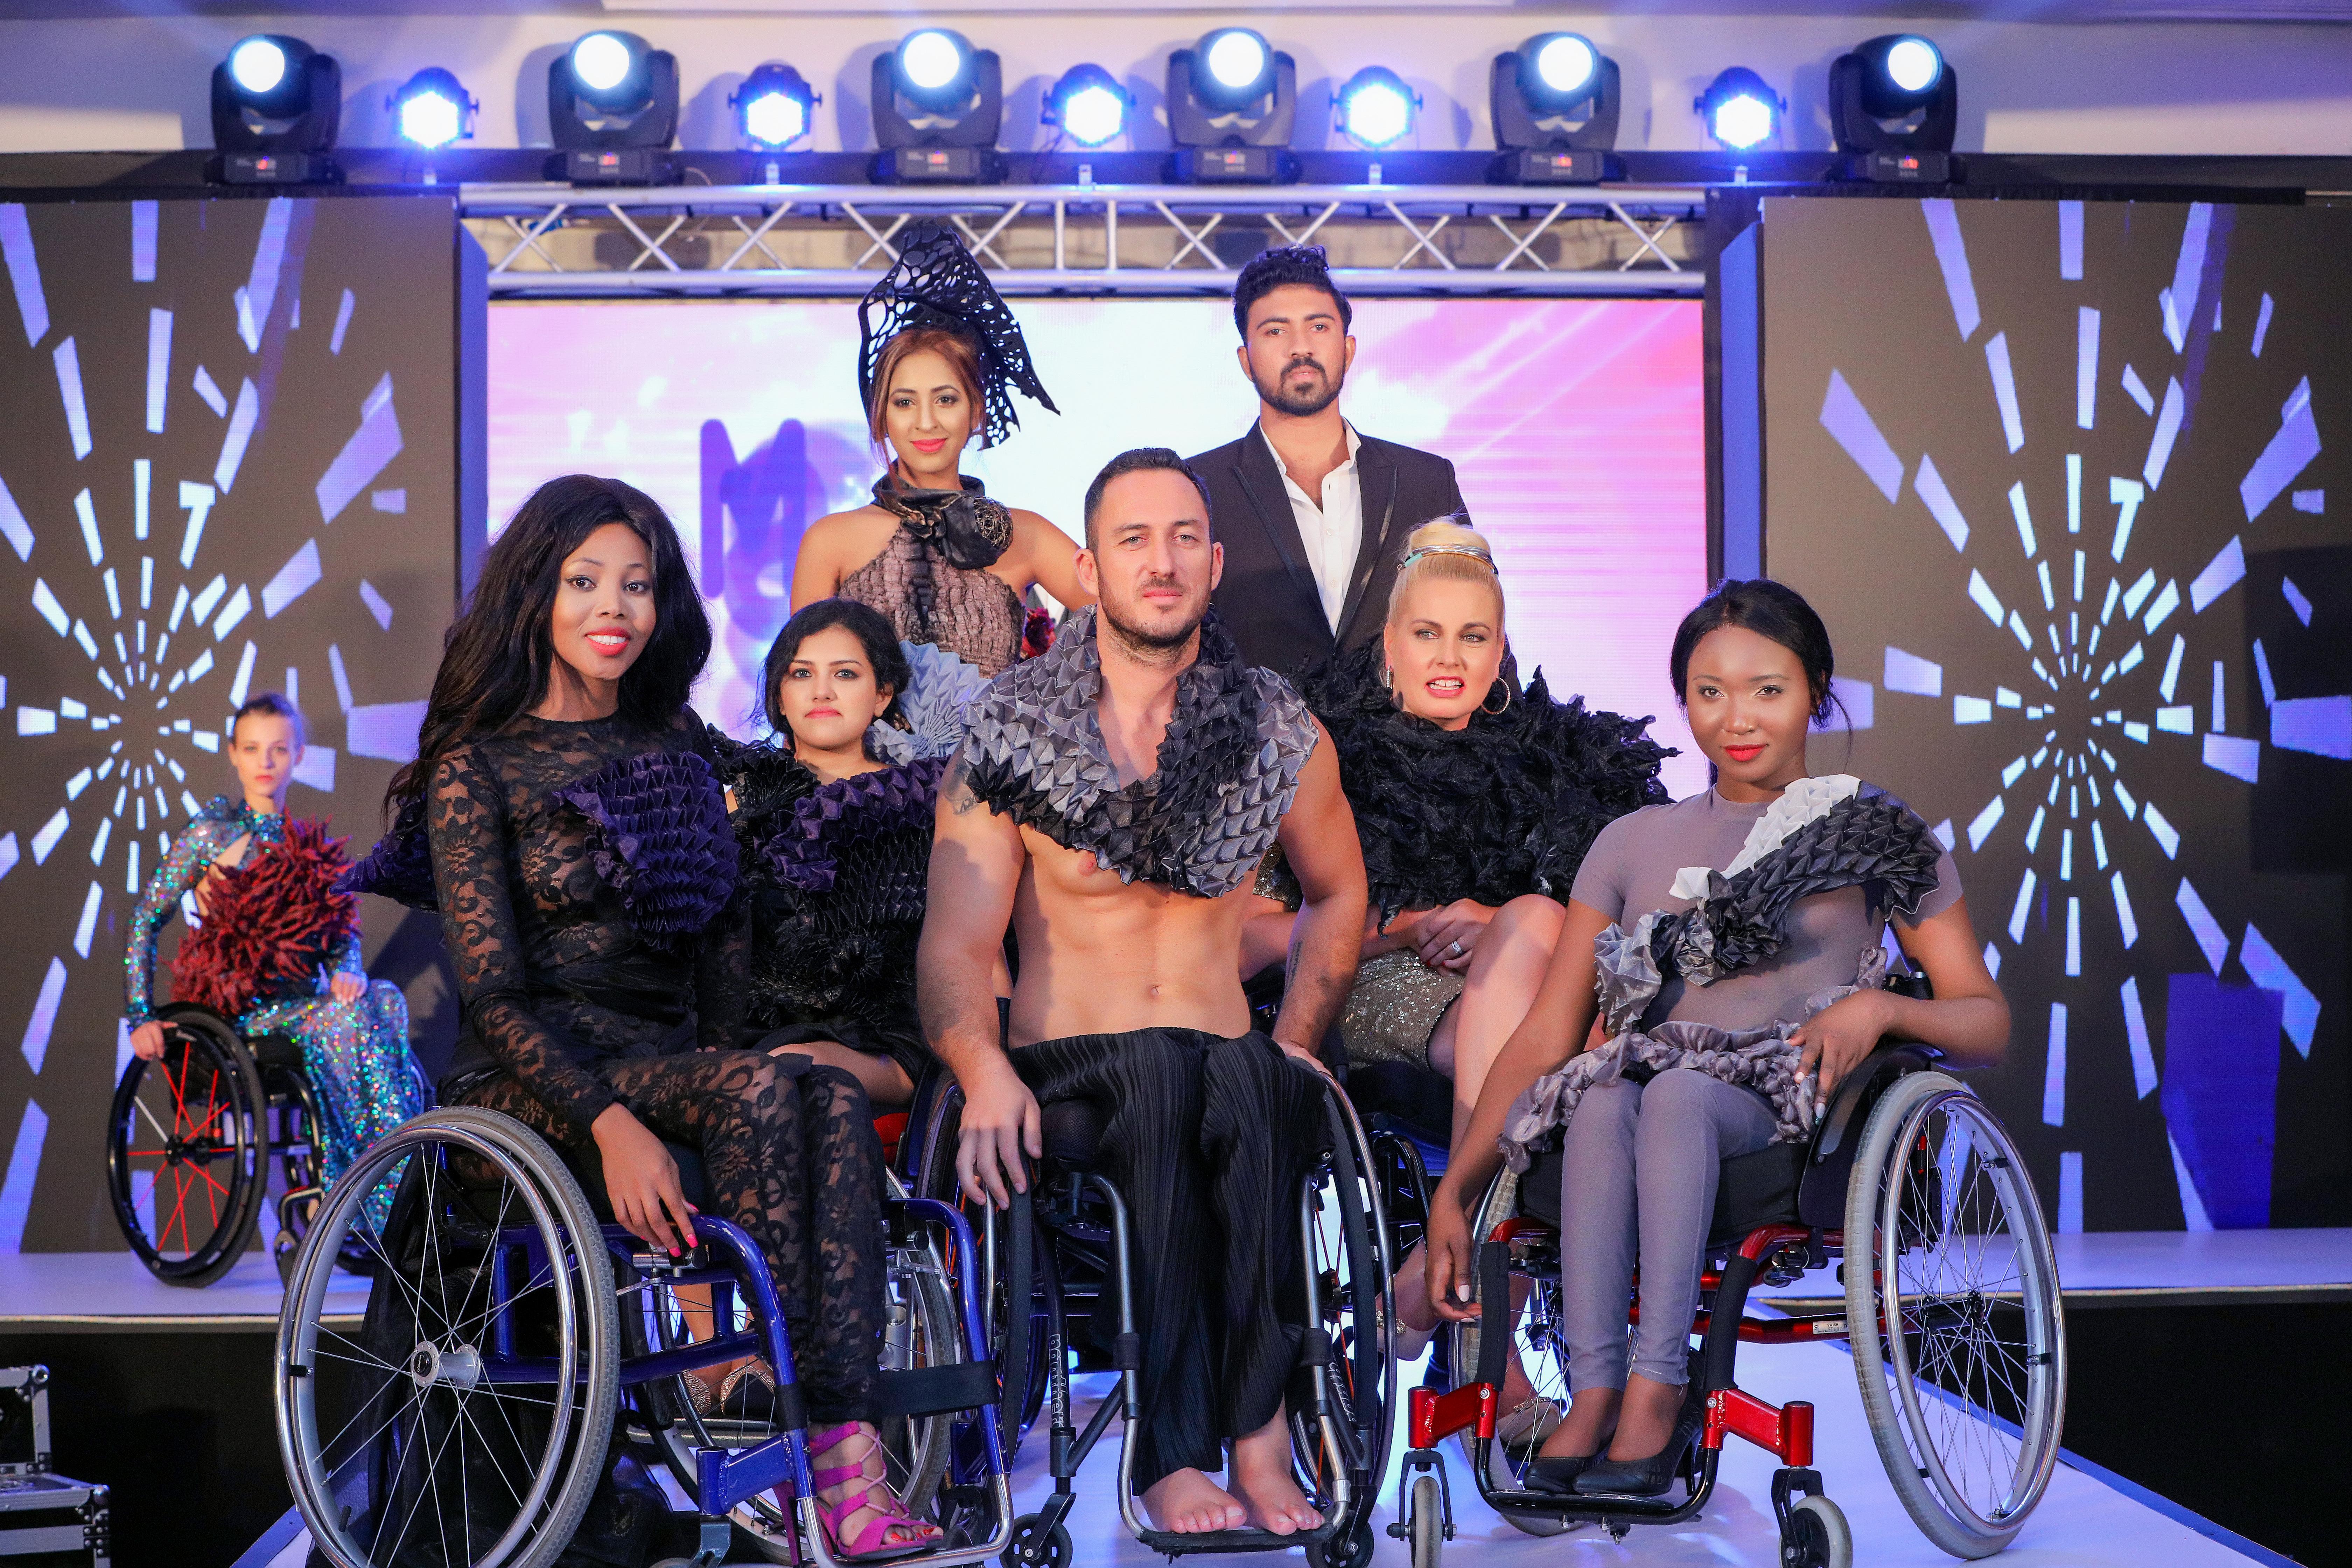 Photo de 8 mannequins présents au défilé de mode, sur le podium. 7 sont au premier plan, une est à l'arrière plan. De gauche à droite :  Première mannequin au fond à gauche est assise sur un fauteuil roulant, ses cheveux sont tirés attachés, elle porte une robe bleu longue pailletée avec un châle rouge et noir.  La deuxième mannequin, assise sur un fauteuil roulant, a les cheveux noirs, porte une combinaison en dentelle noire, des sandales à talons rose fushia, et un rouge à lèvres rouge.  La 3ème mannequin en fauteuil roulant a les cheveux bruns, on devine juste une tenue noire.  La 4ème mannequin est debout à l'arrière, elle porte un chapeau noir et une robe beige et noire.  Le 5ème mannequin est un homme torse nu sur un fauteuil, il est blond foncé barbu plutôt musclé. Il porte un châle gris et noir et un pantalon noir.  Le 6ème mannequin est un homme debout à l'arrière en costume noire et chemise blanche, brun et barbu.  La 7ème mannequin porte une robe dorée, elle est sur un fauteuil roulant, cheveux blonds tirés en chignon.  La 8ème mannequin a les cheveux noires attachés, elle est en fauteuil roulant et porte une combinaison manches courtes grise près du corps, des escarpins noir, etun châle gris, blanc et noir.